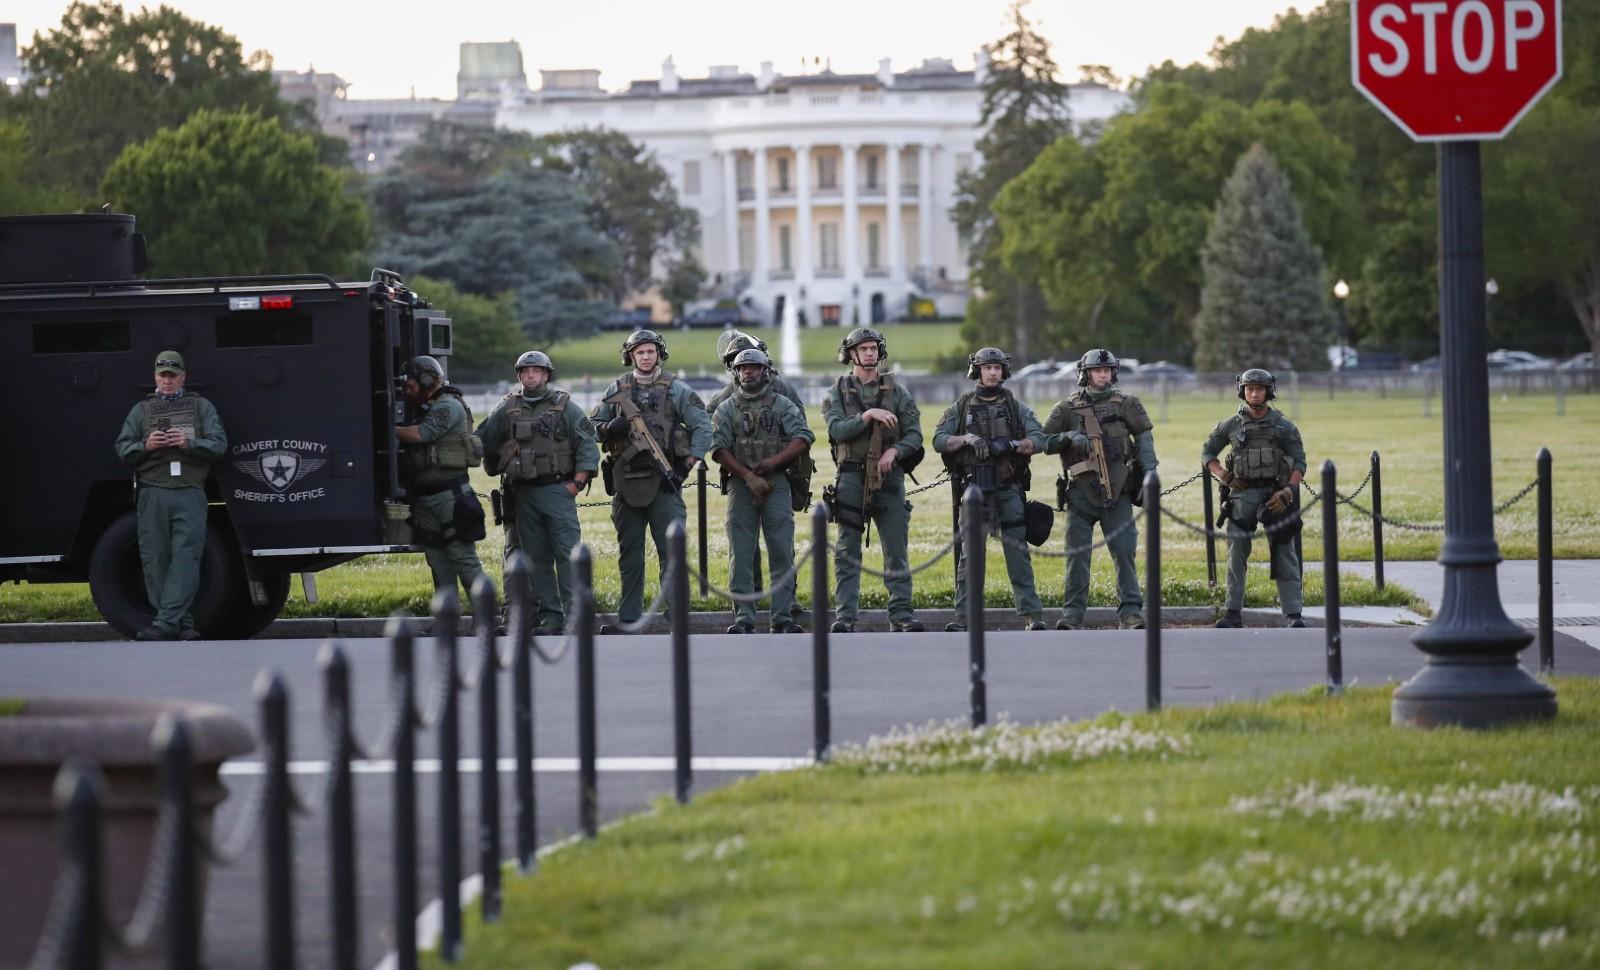 La Maison Blanche sous étroite surveillance alors que des émeutes raciales secouent l'Amérique, le 1 juin 2020 © Alex Brandon/AP/SIPA Numéro de reportage: AP22460216_000001